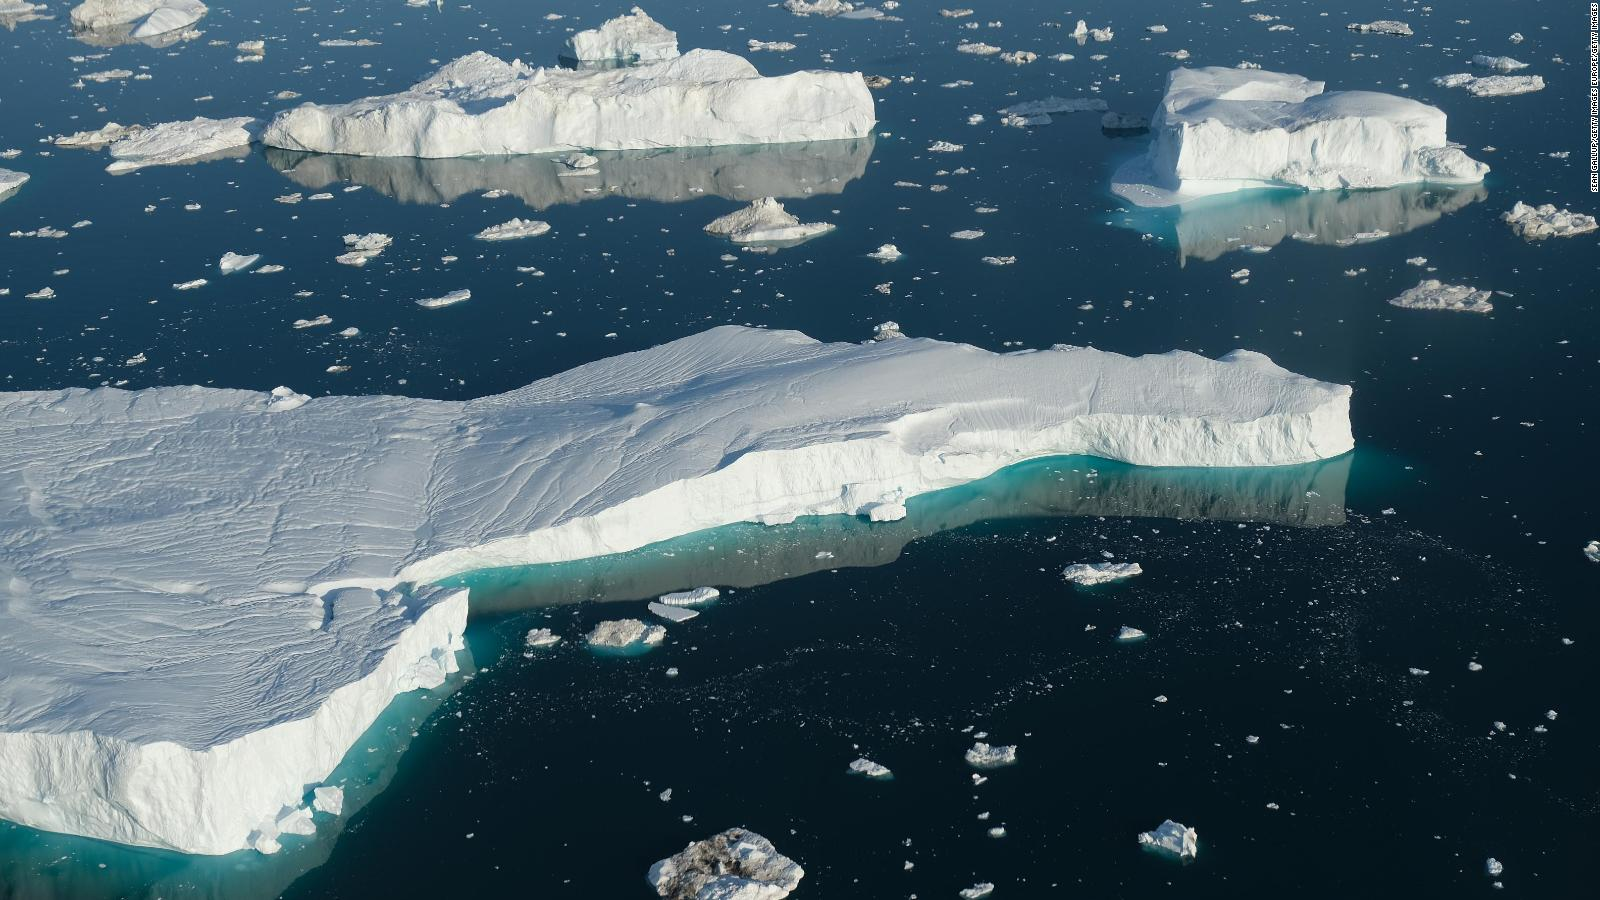 La NASA envió una de sus misiones más grandes para investigar el deshielo en Groenlandia   Video   CNN